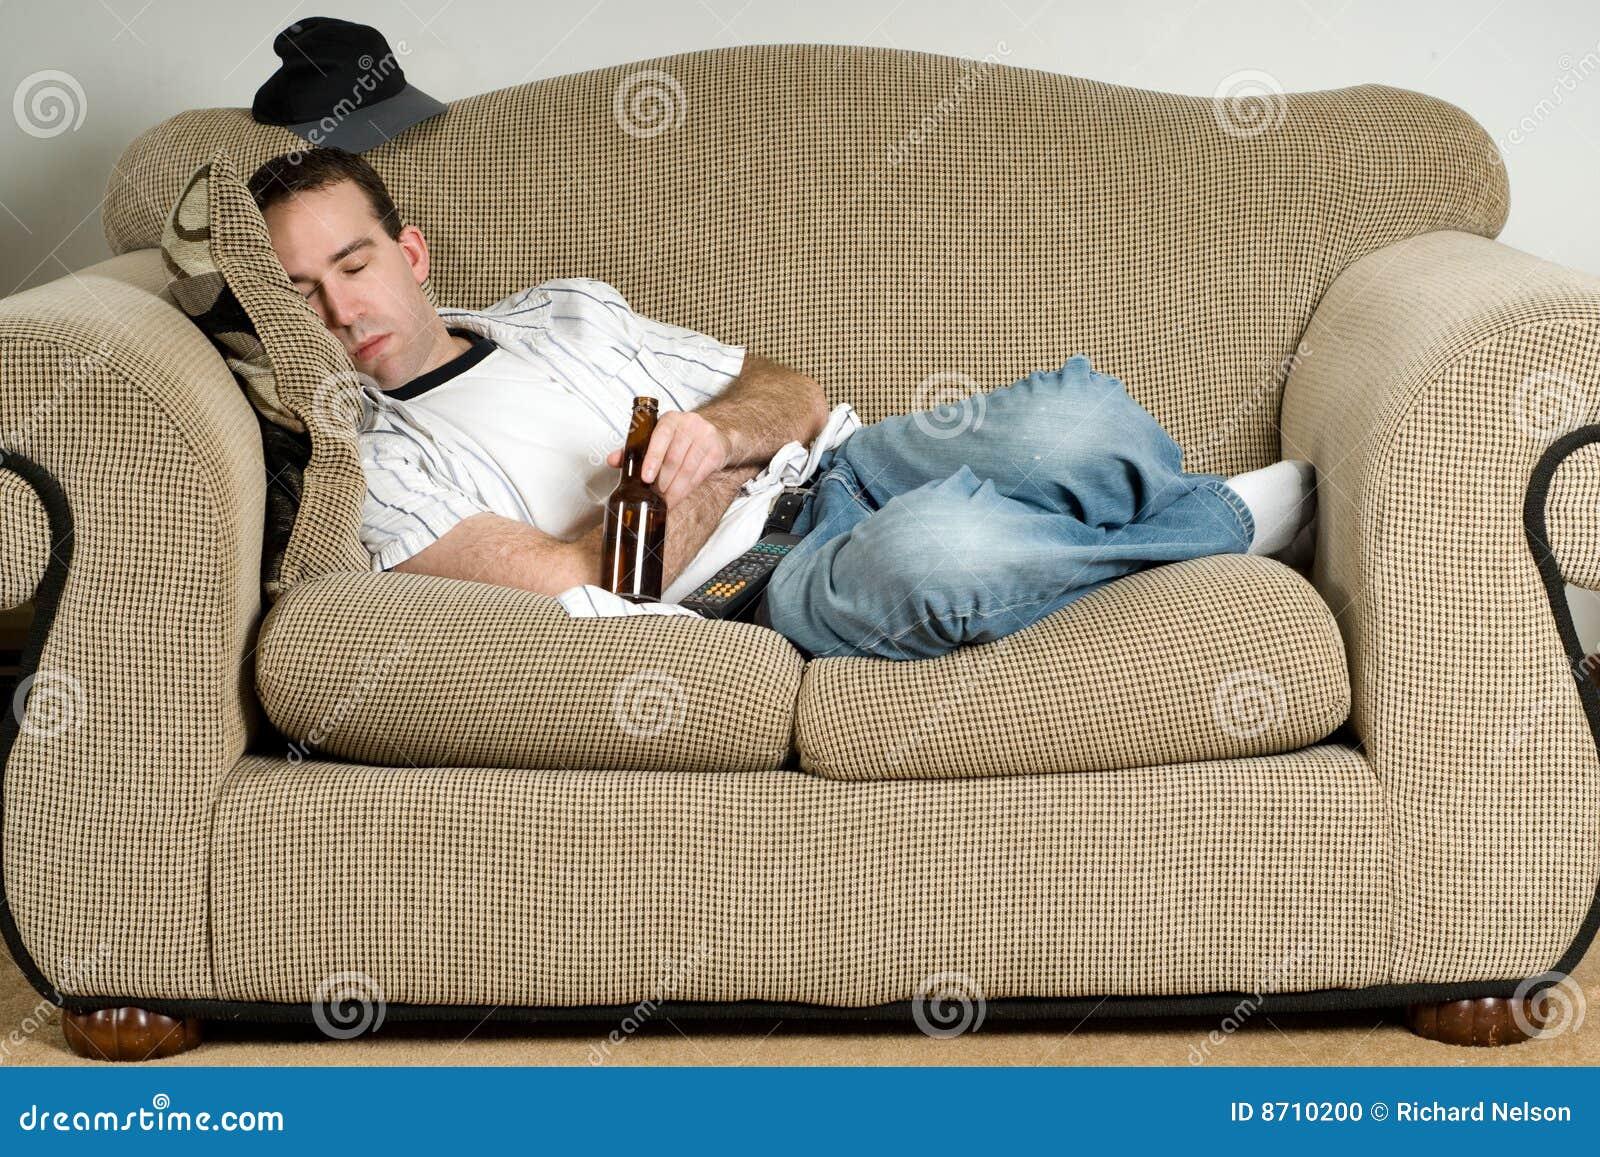 Фото жена на диване 28 фотография